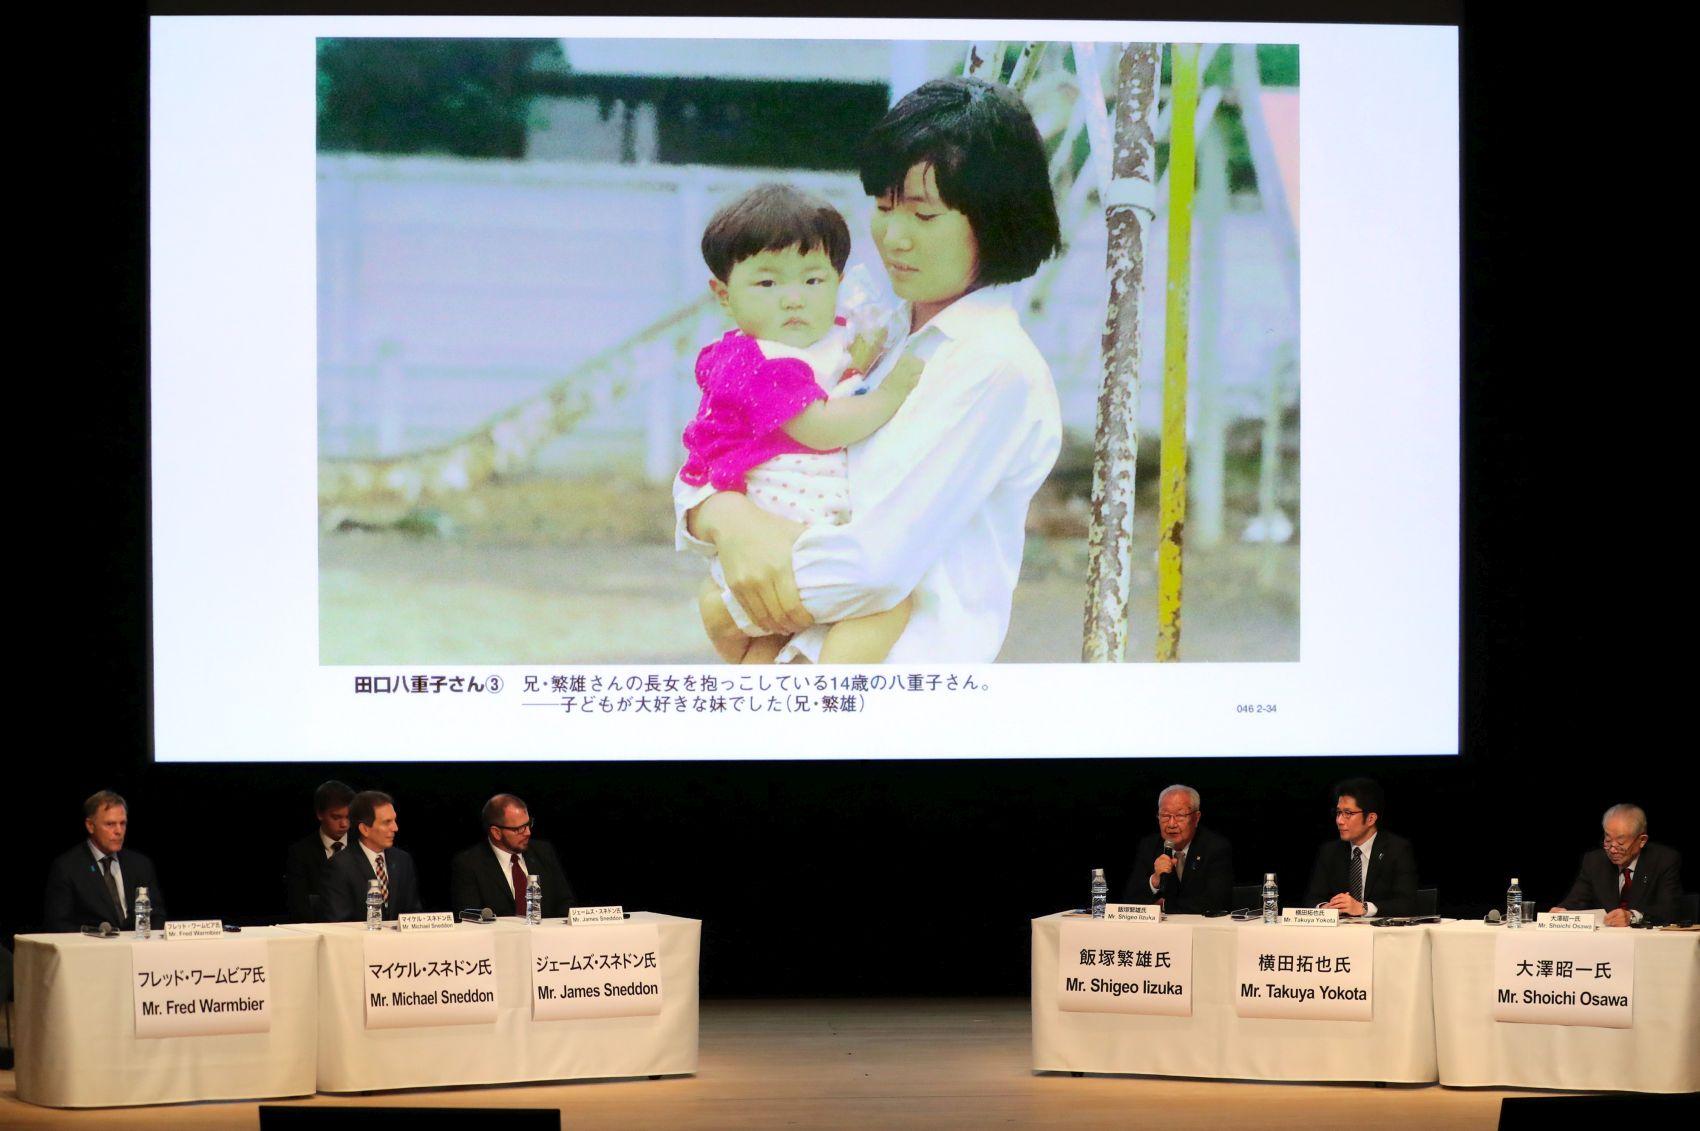 Koichiro Iizuka with his mother